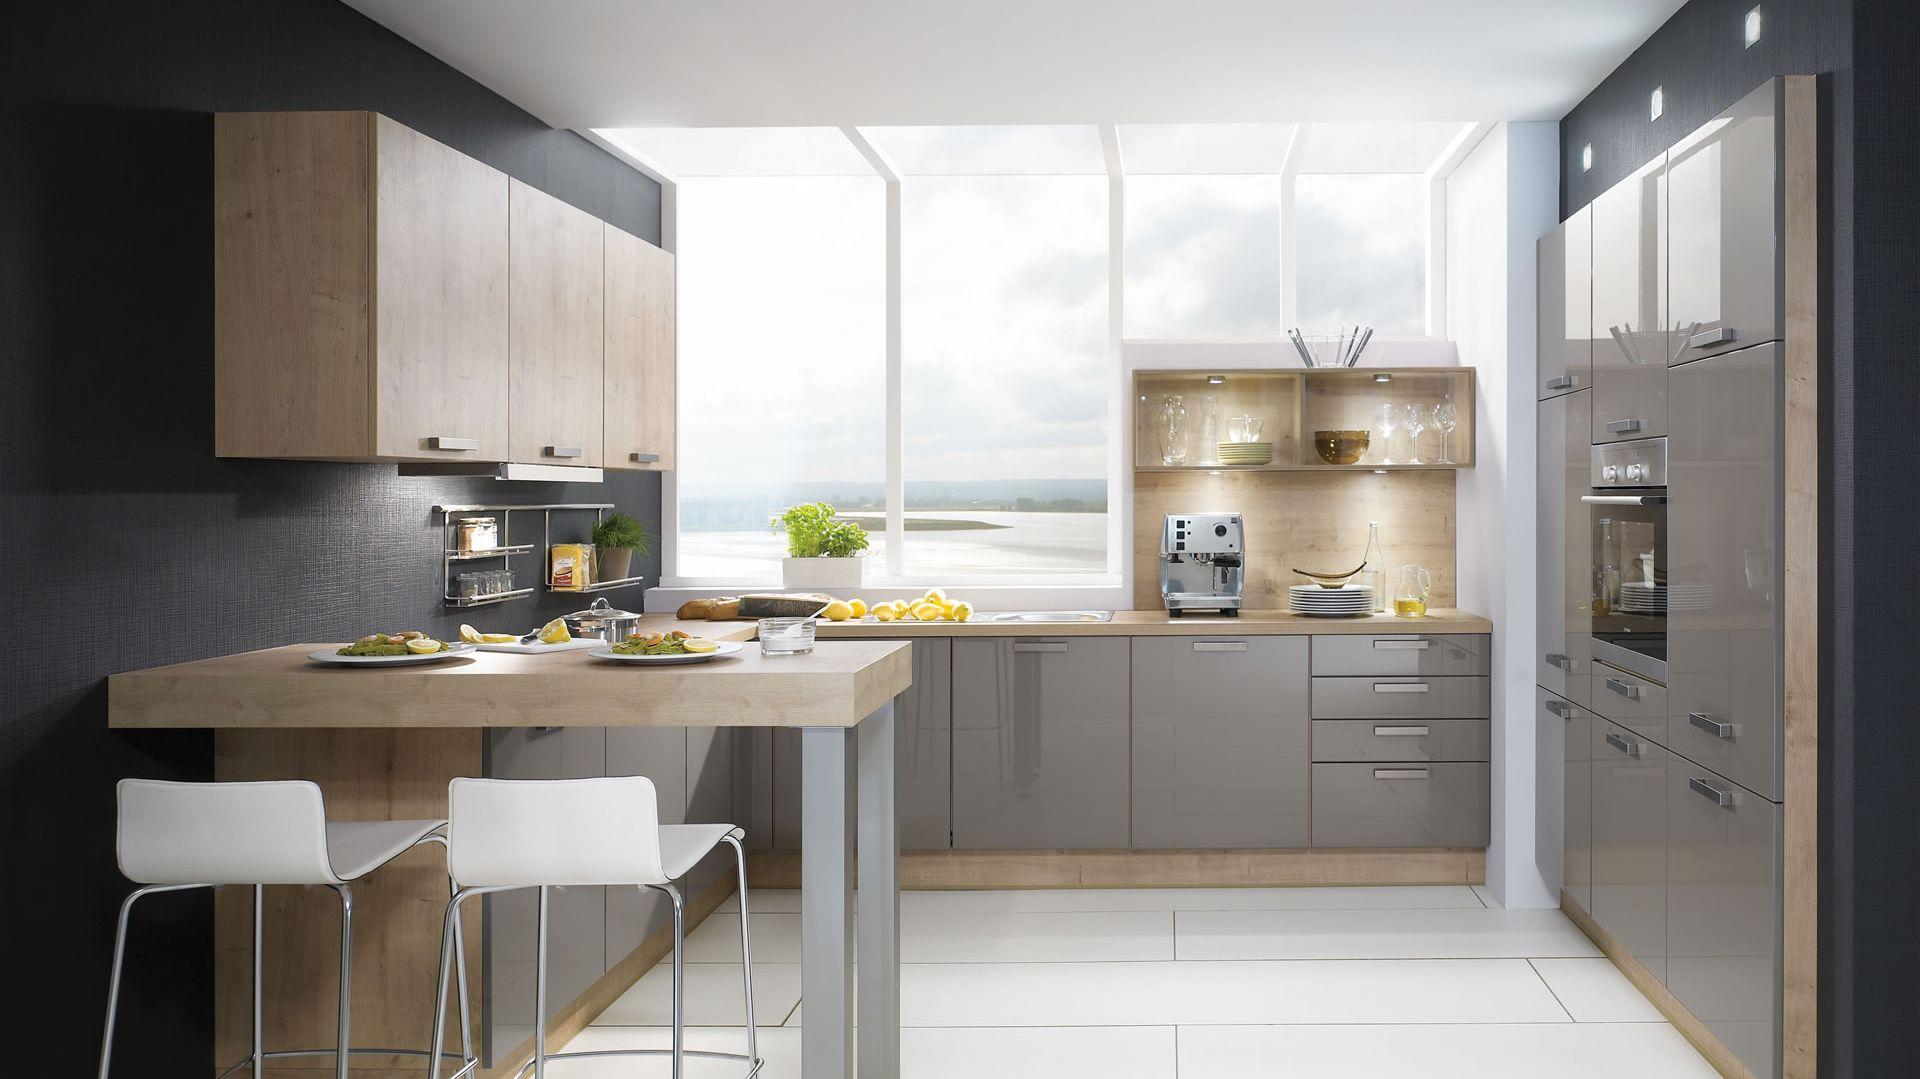 Doskonałym zabiegiem powiększającym kuchnię jest umieszczenie szafy kuchennej we wnęce. To pozwala zaoszczędzić dodatkowe centymetry w pomieszczeniu. Na zdjęciu model Lux 828 Fot. Nobilia